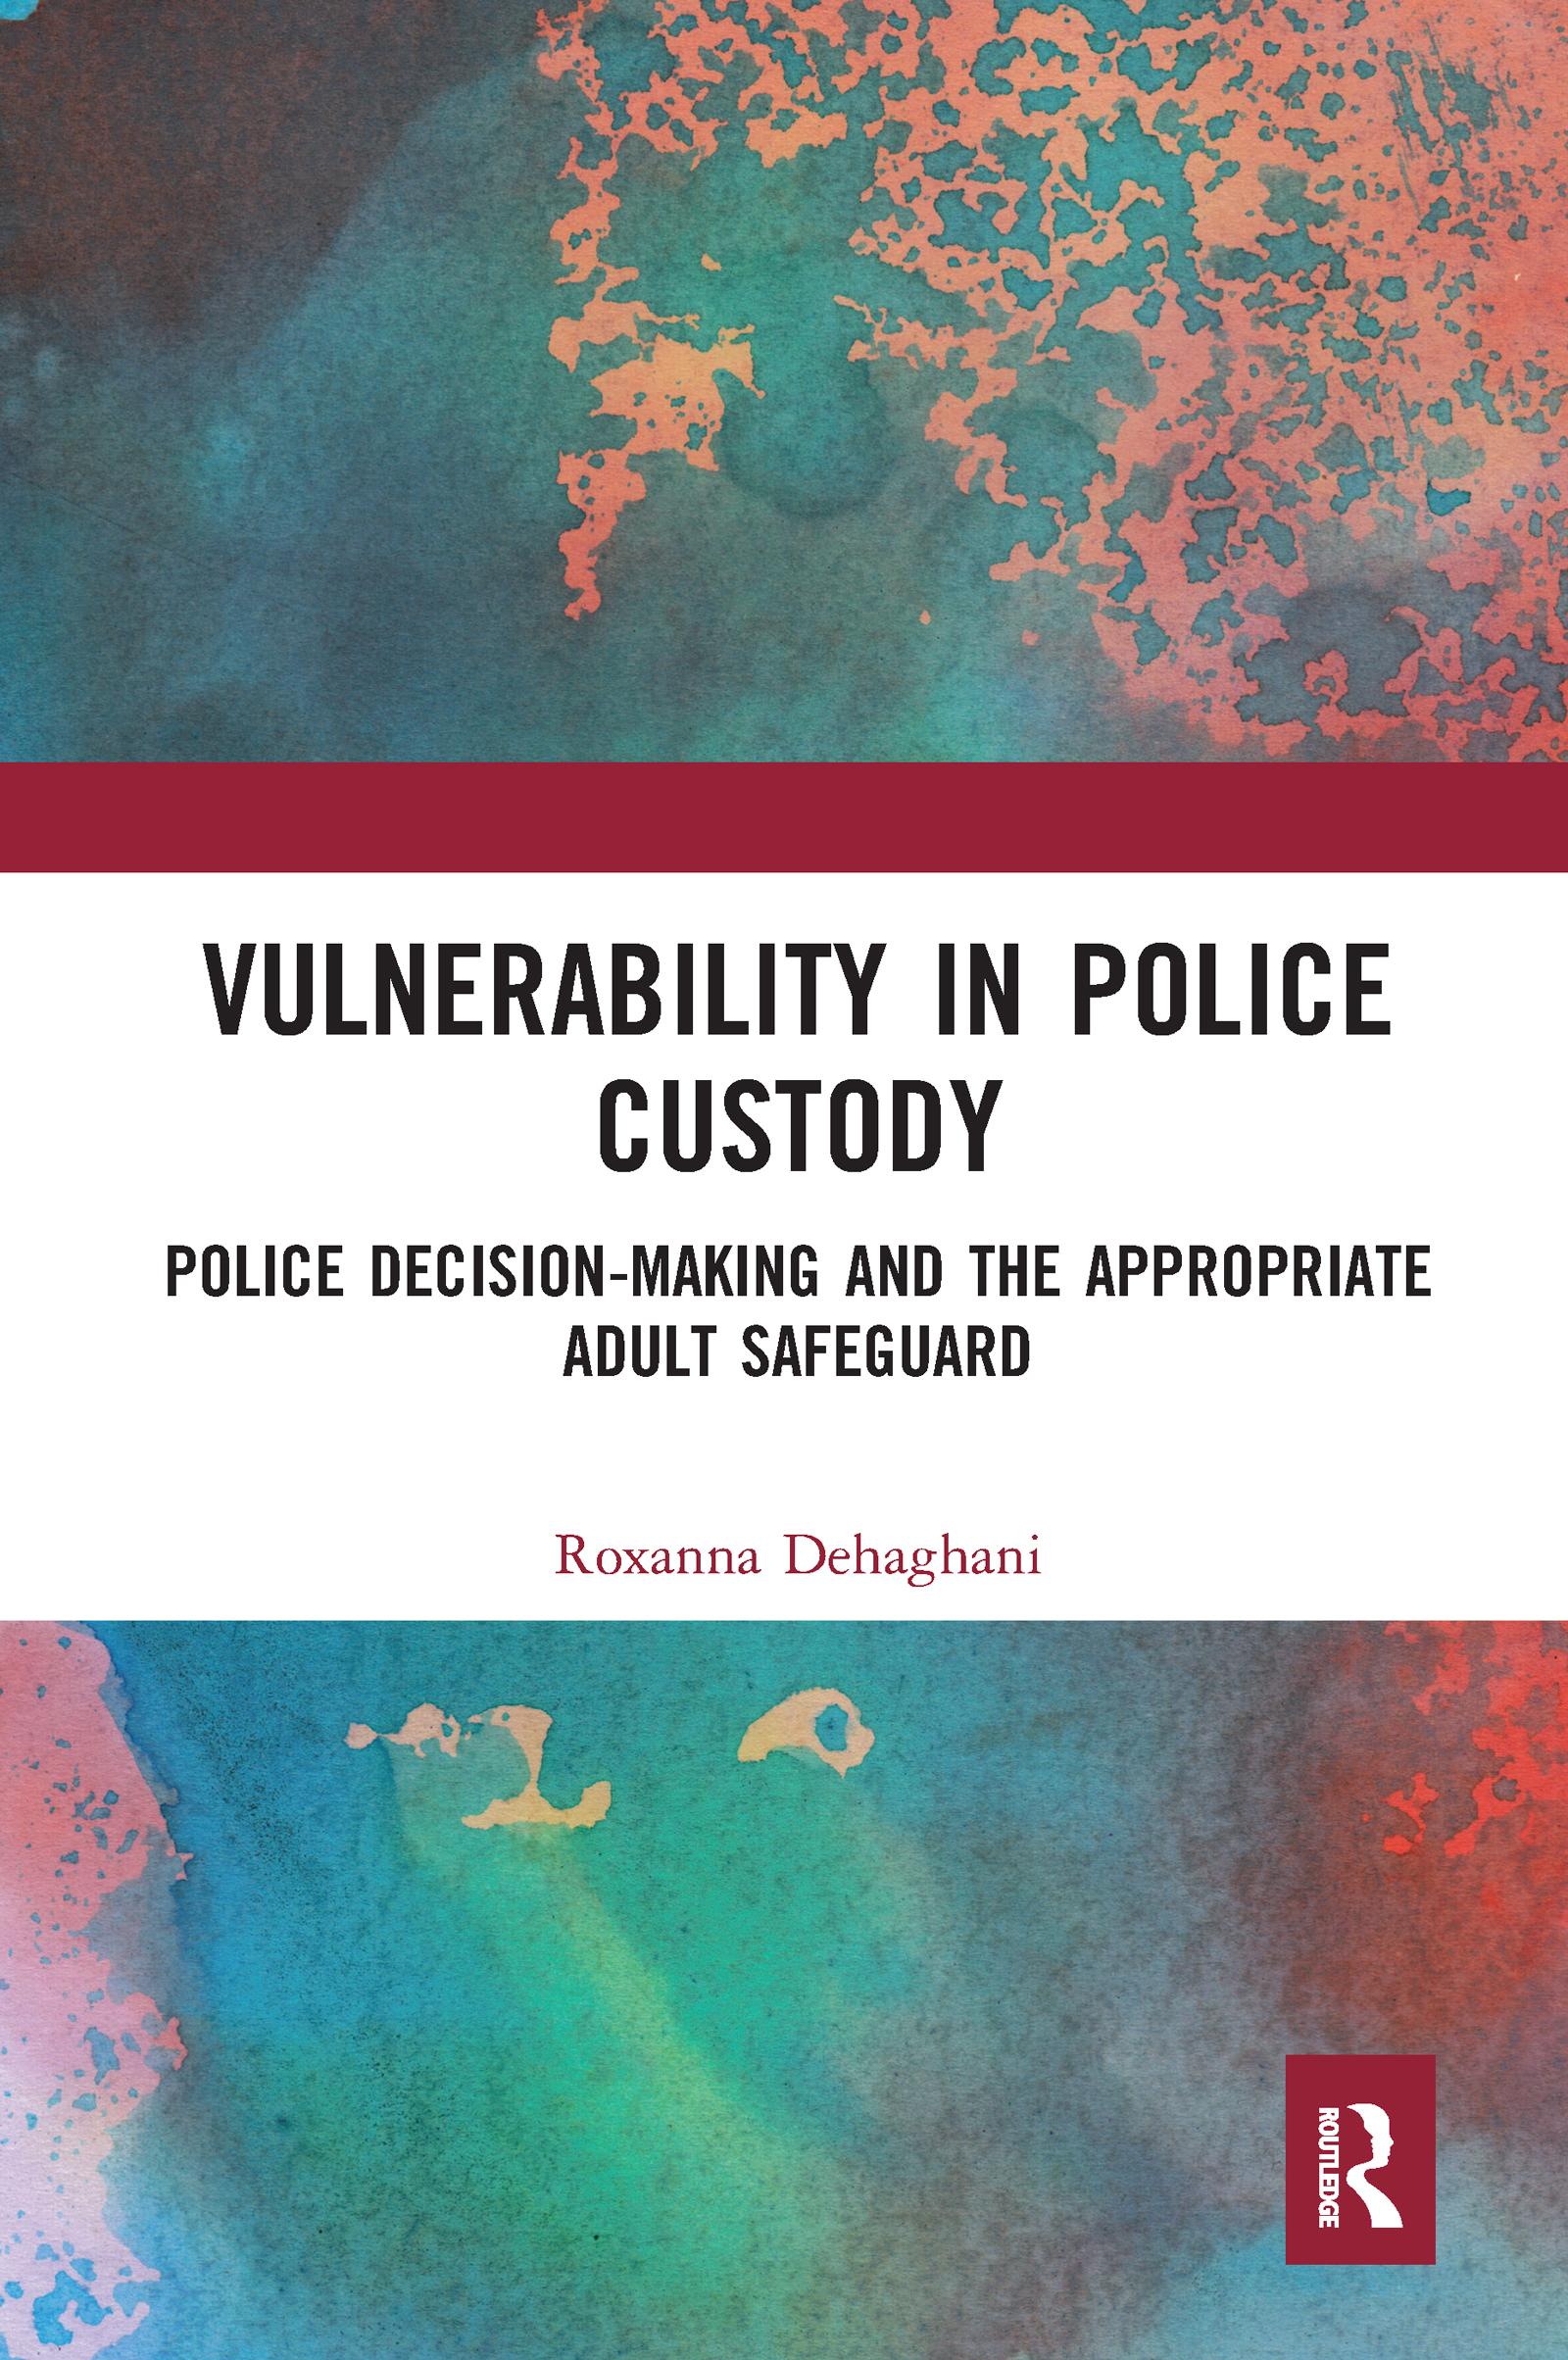 Vulnerability in Police Custody